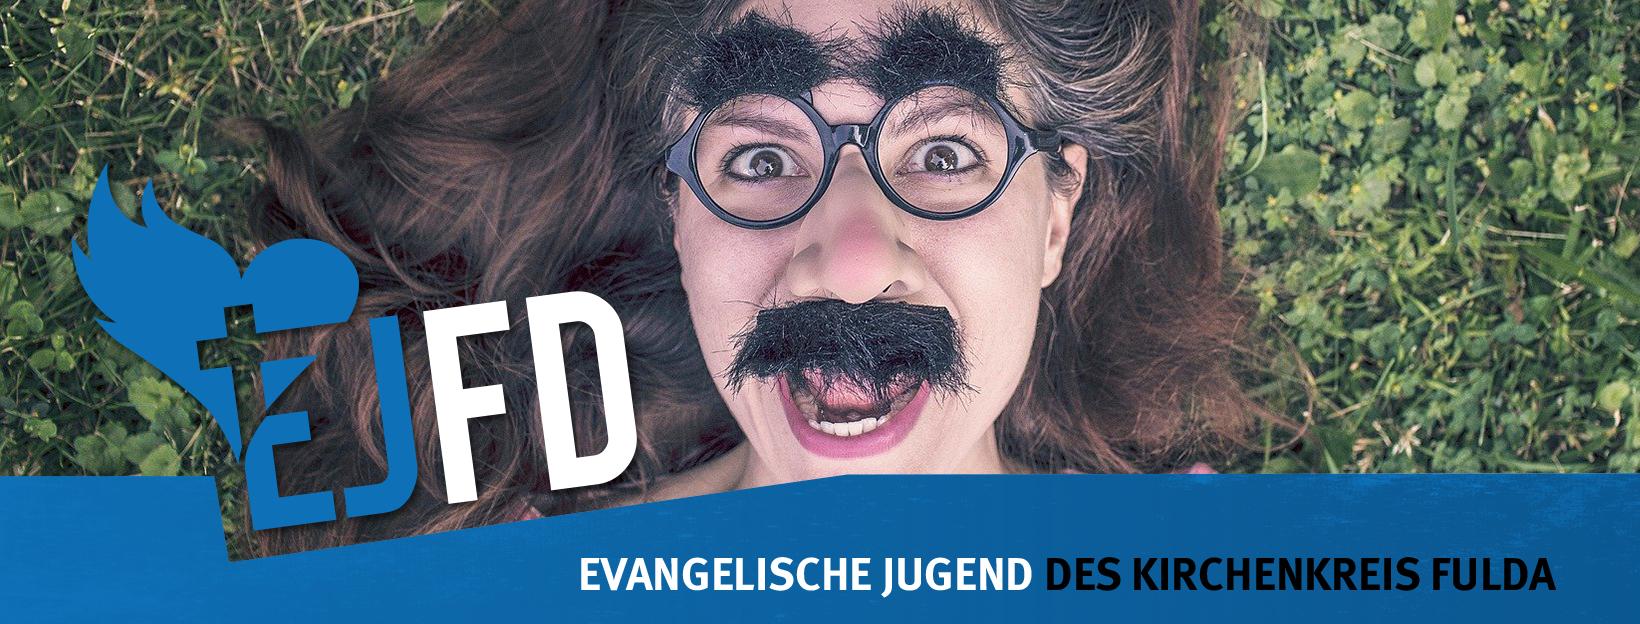 Evangelische Jugend im Kirchenkreis Fulda